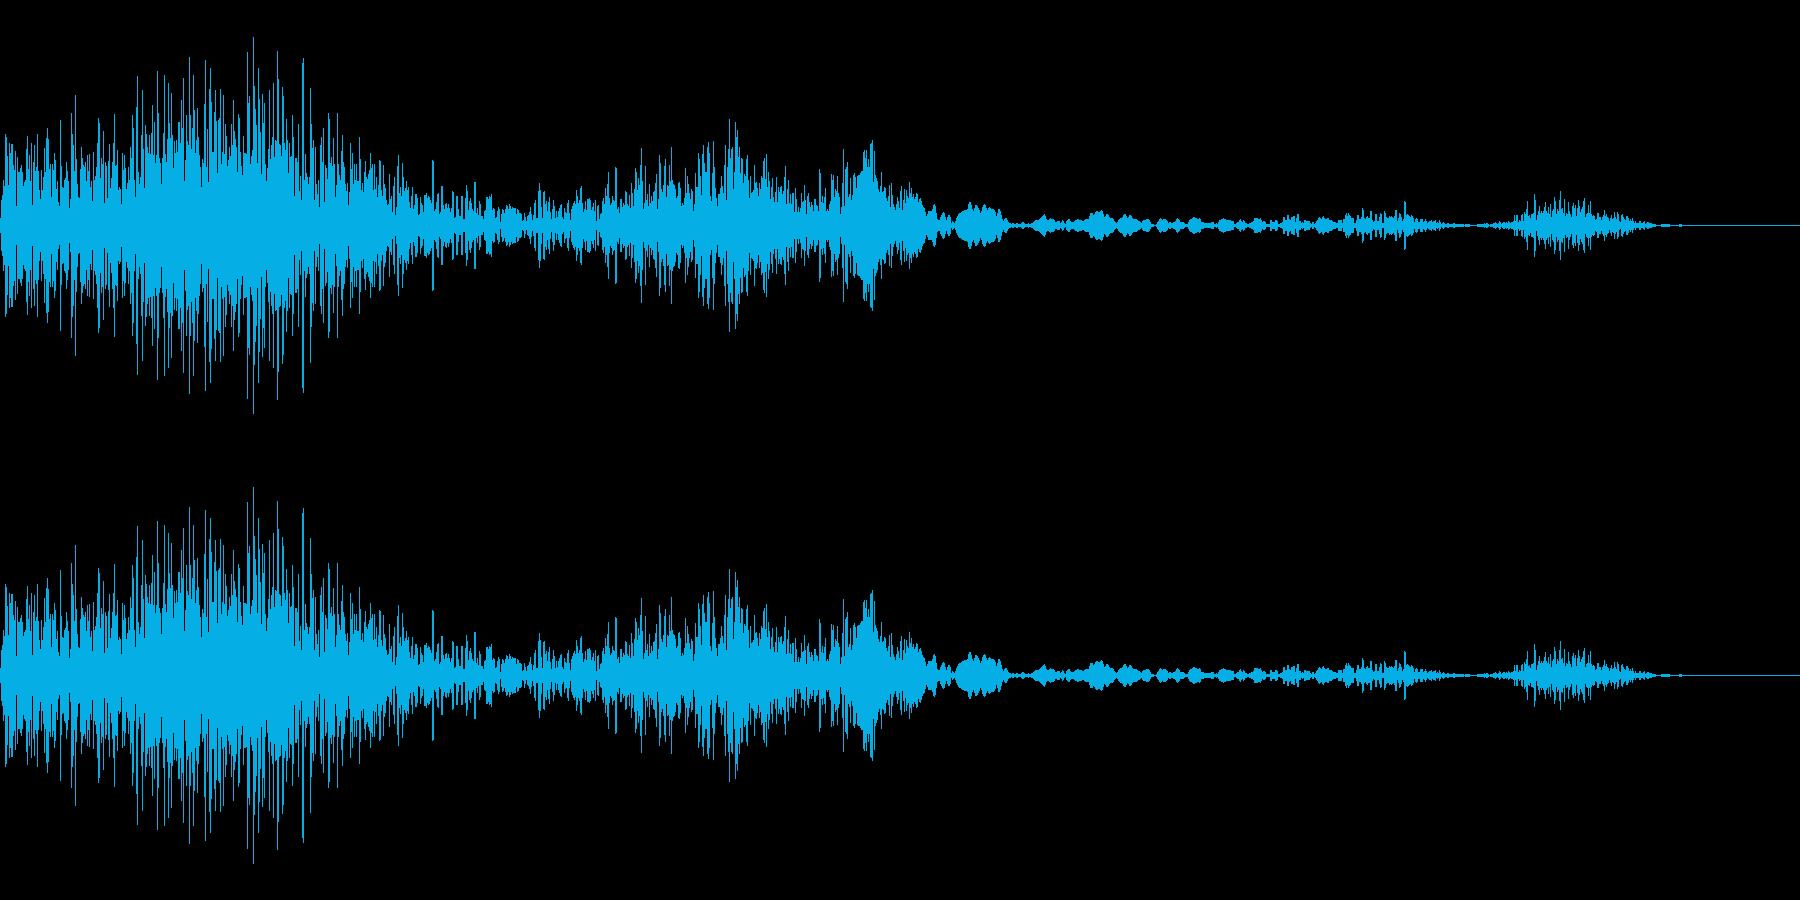 衝撃、ノイズ(バッシュワシュ)の再生済みの波形